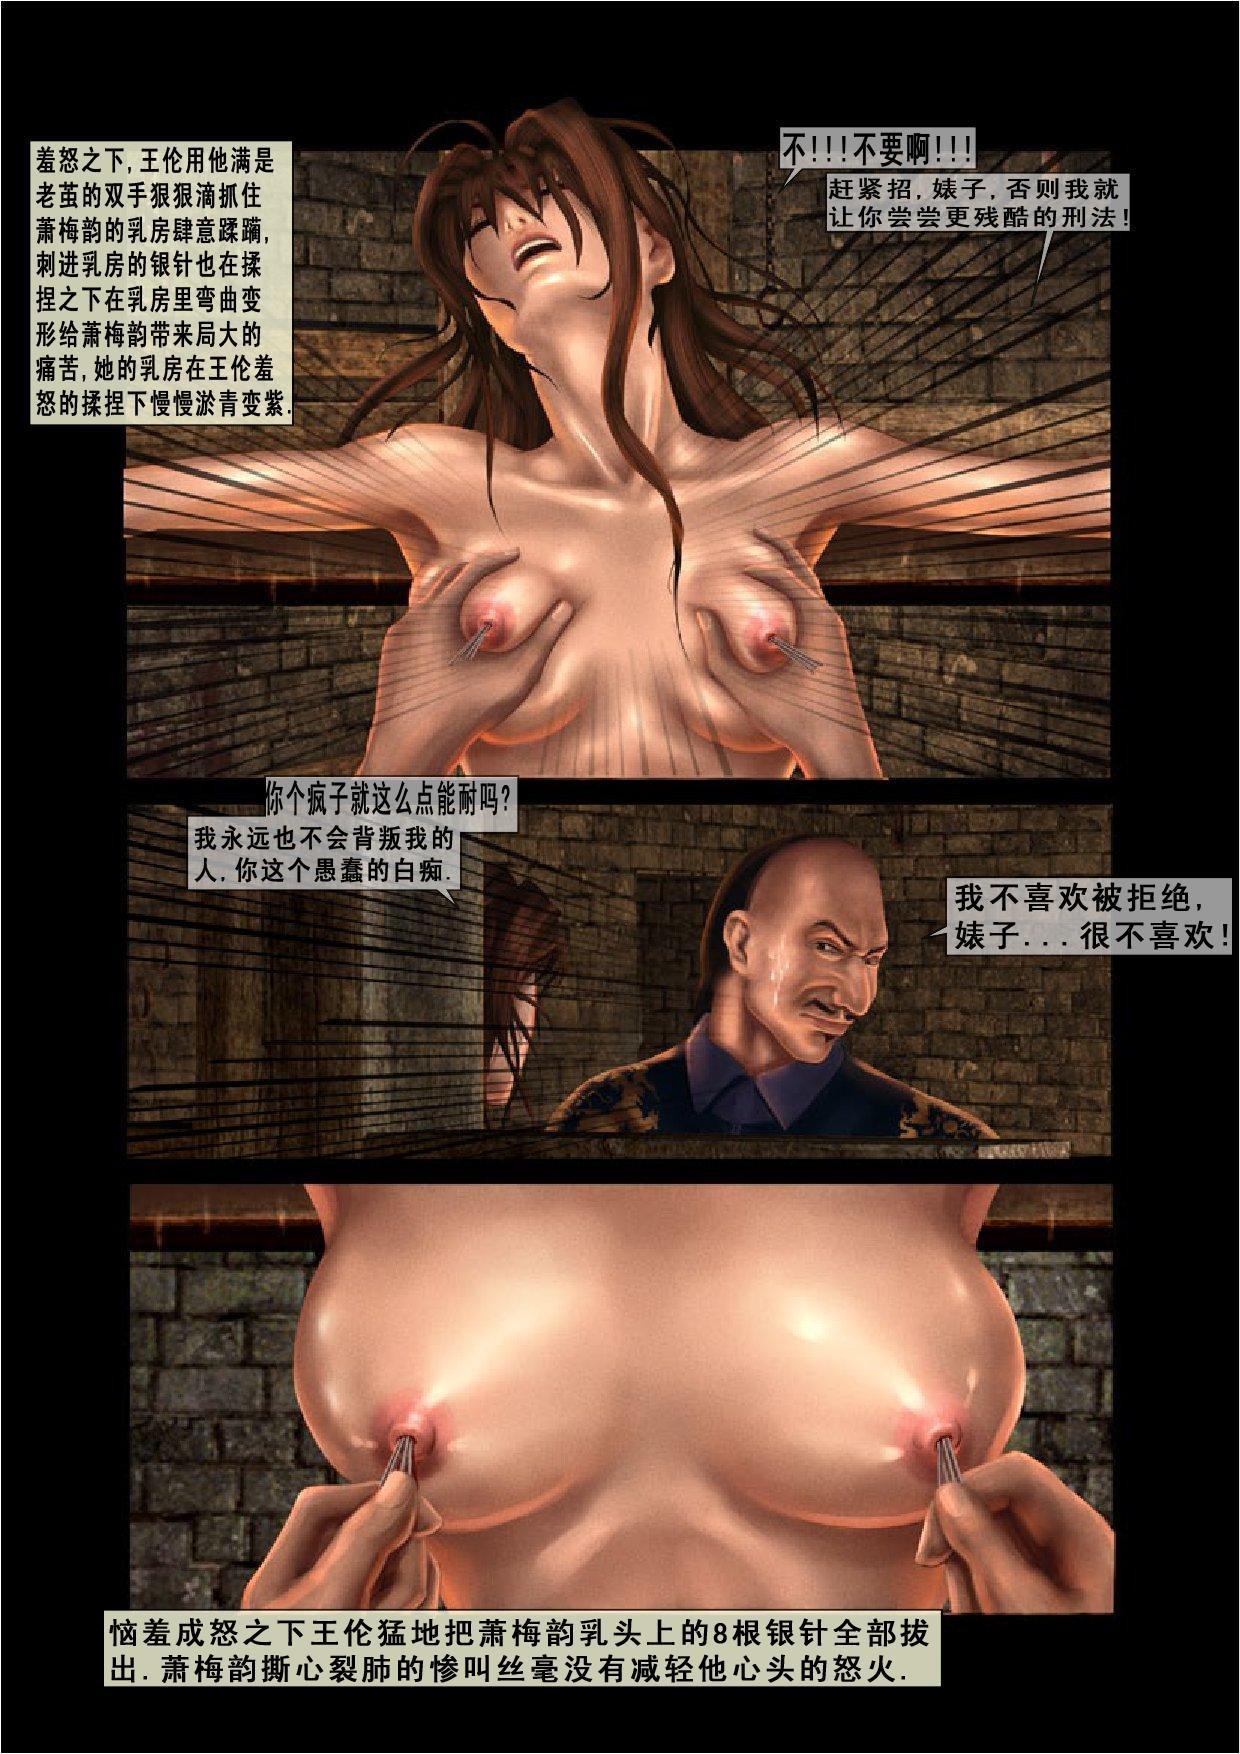 中国军阀的性奴1 11